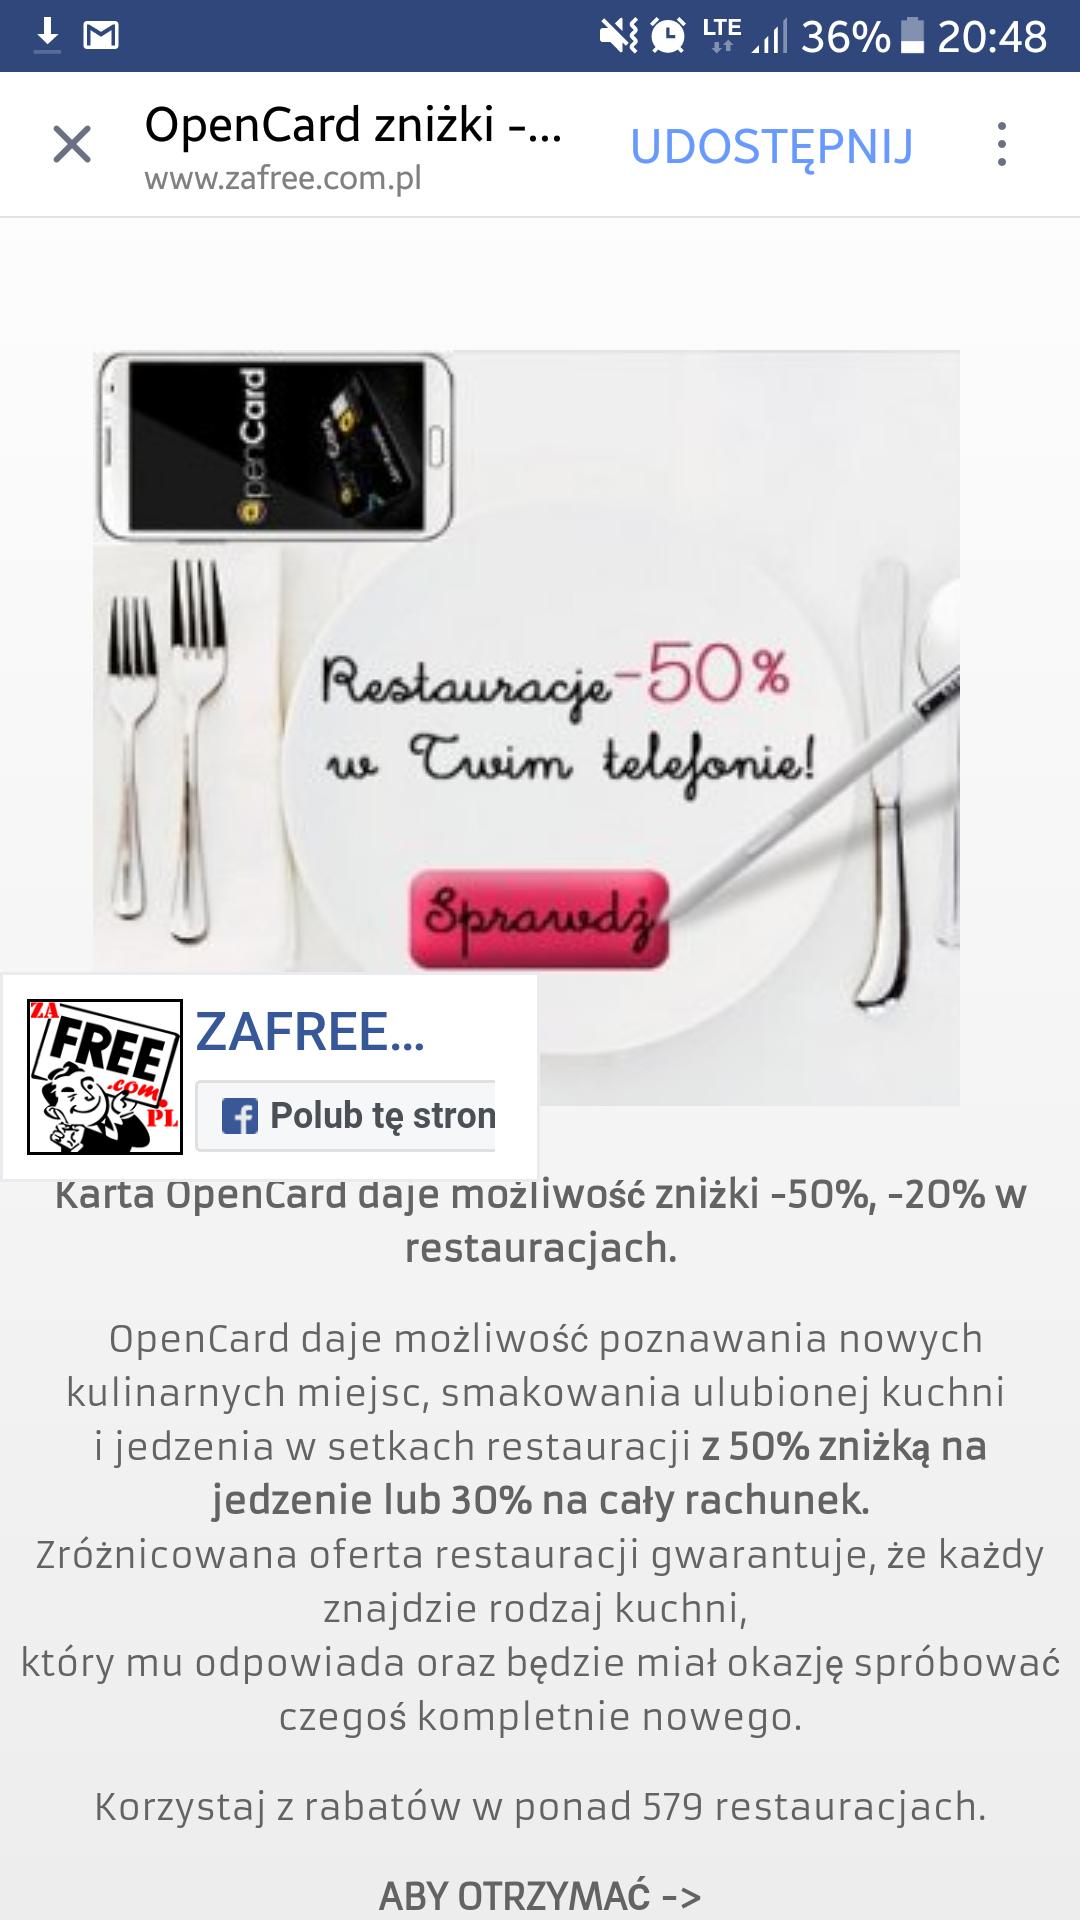 OpenCard zniżki -50% na jedzenie